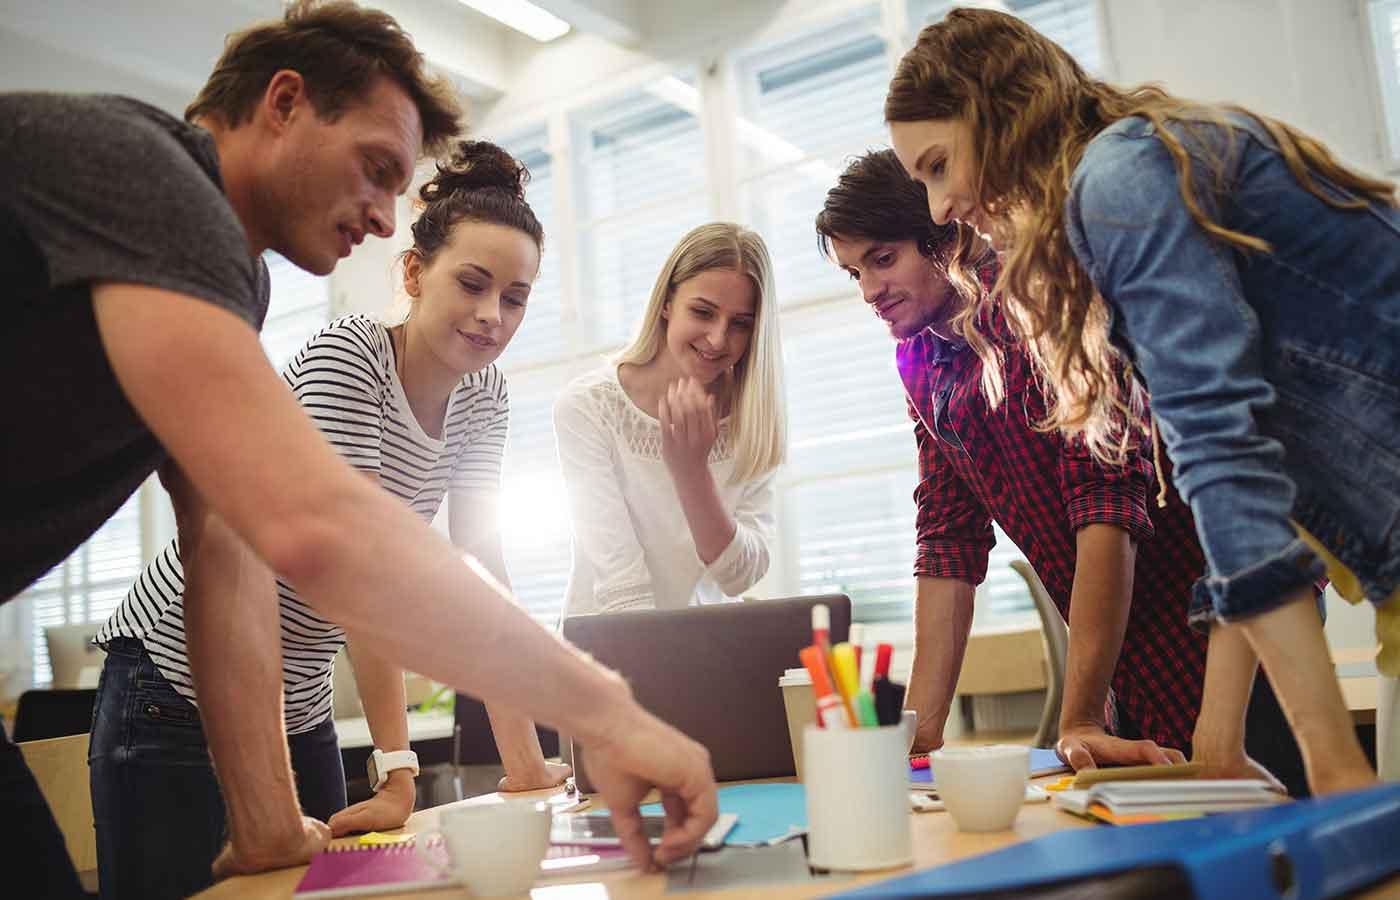 Consejos para aumentar la inteligencia emocional en la oficina